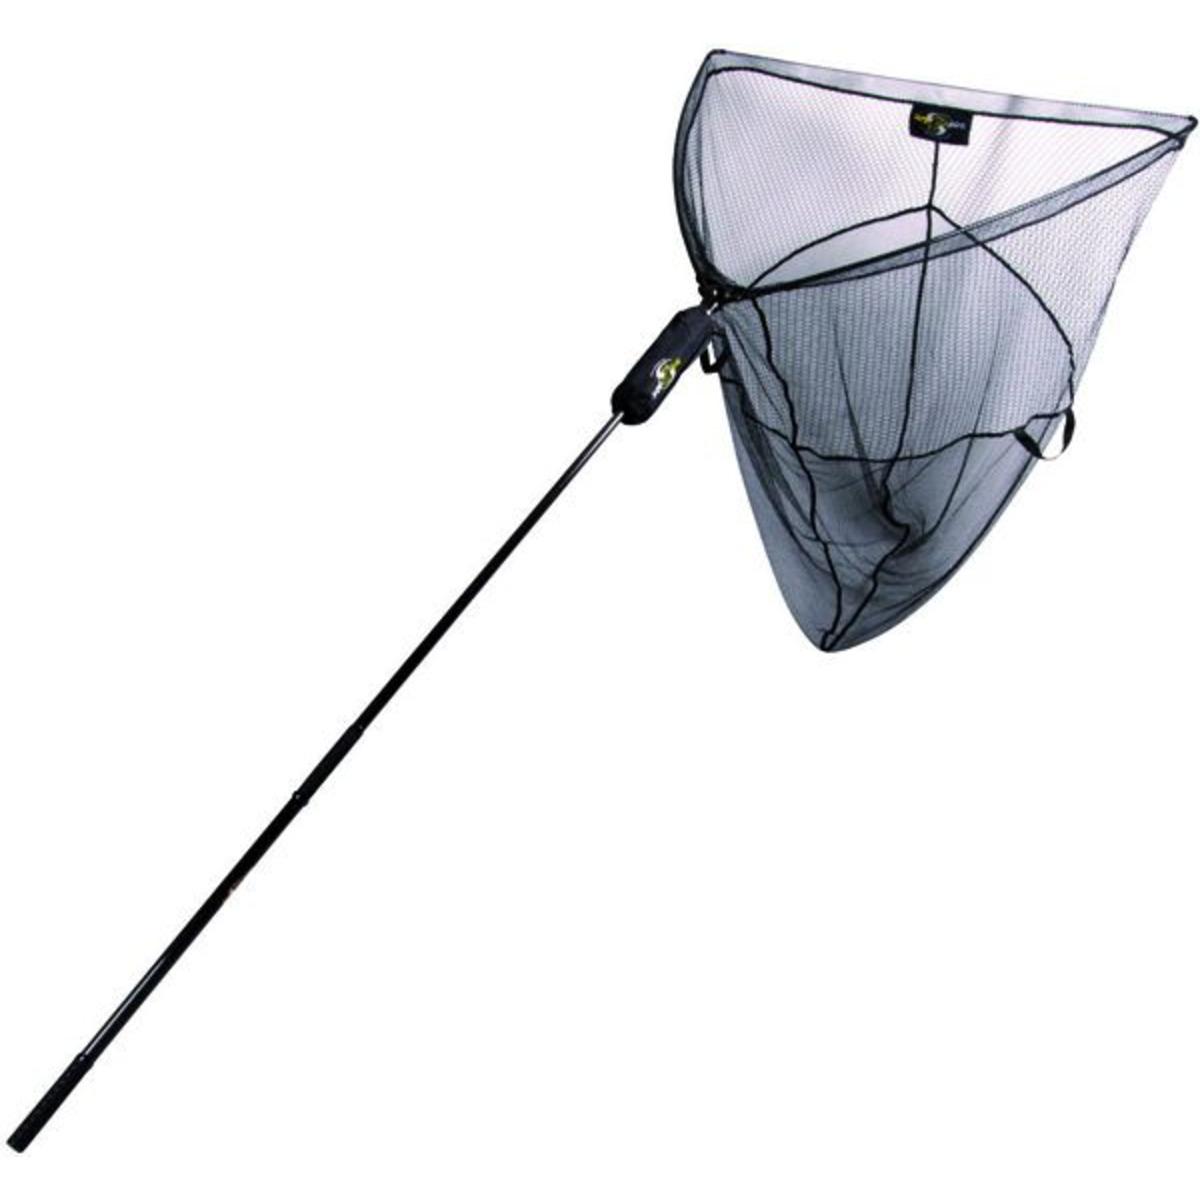 Carp Spirit Landing Net Deluxe - Landing Net Deluxe - 112x120 cm